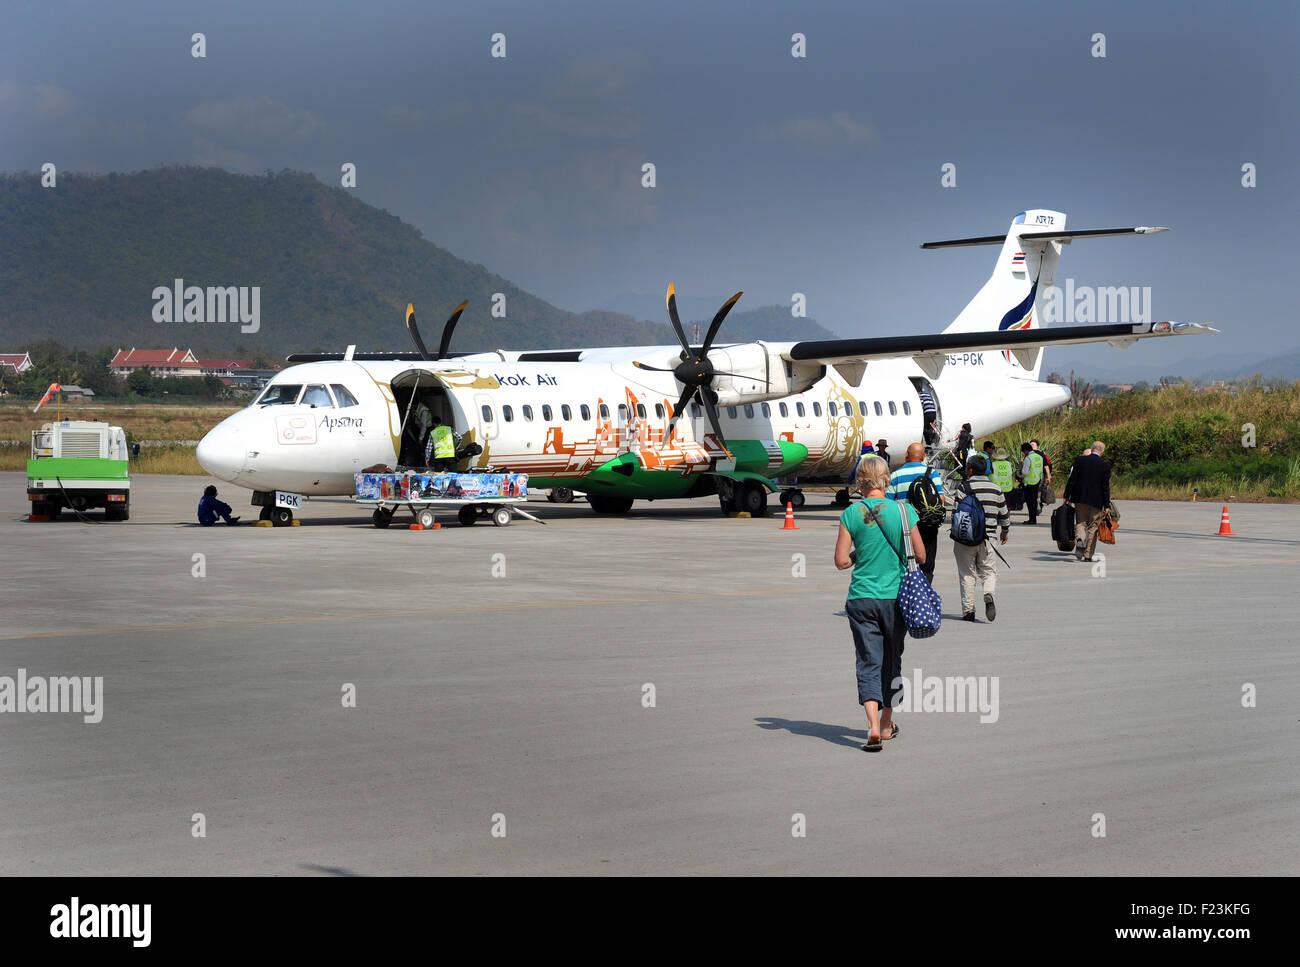 Boarding a Bangkok Air ATR72  flight, Luang Prabang airport, Laos. - Stock Image